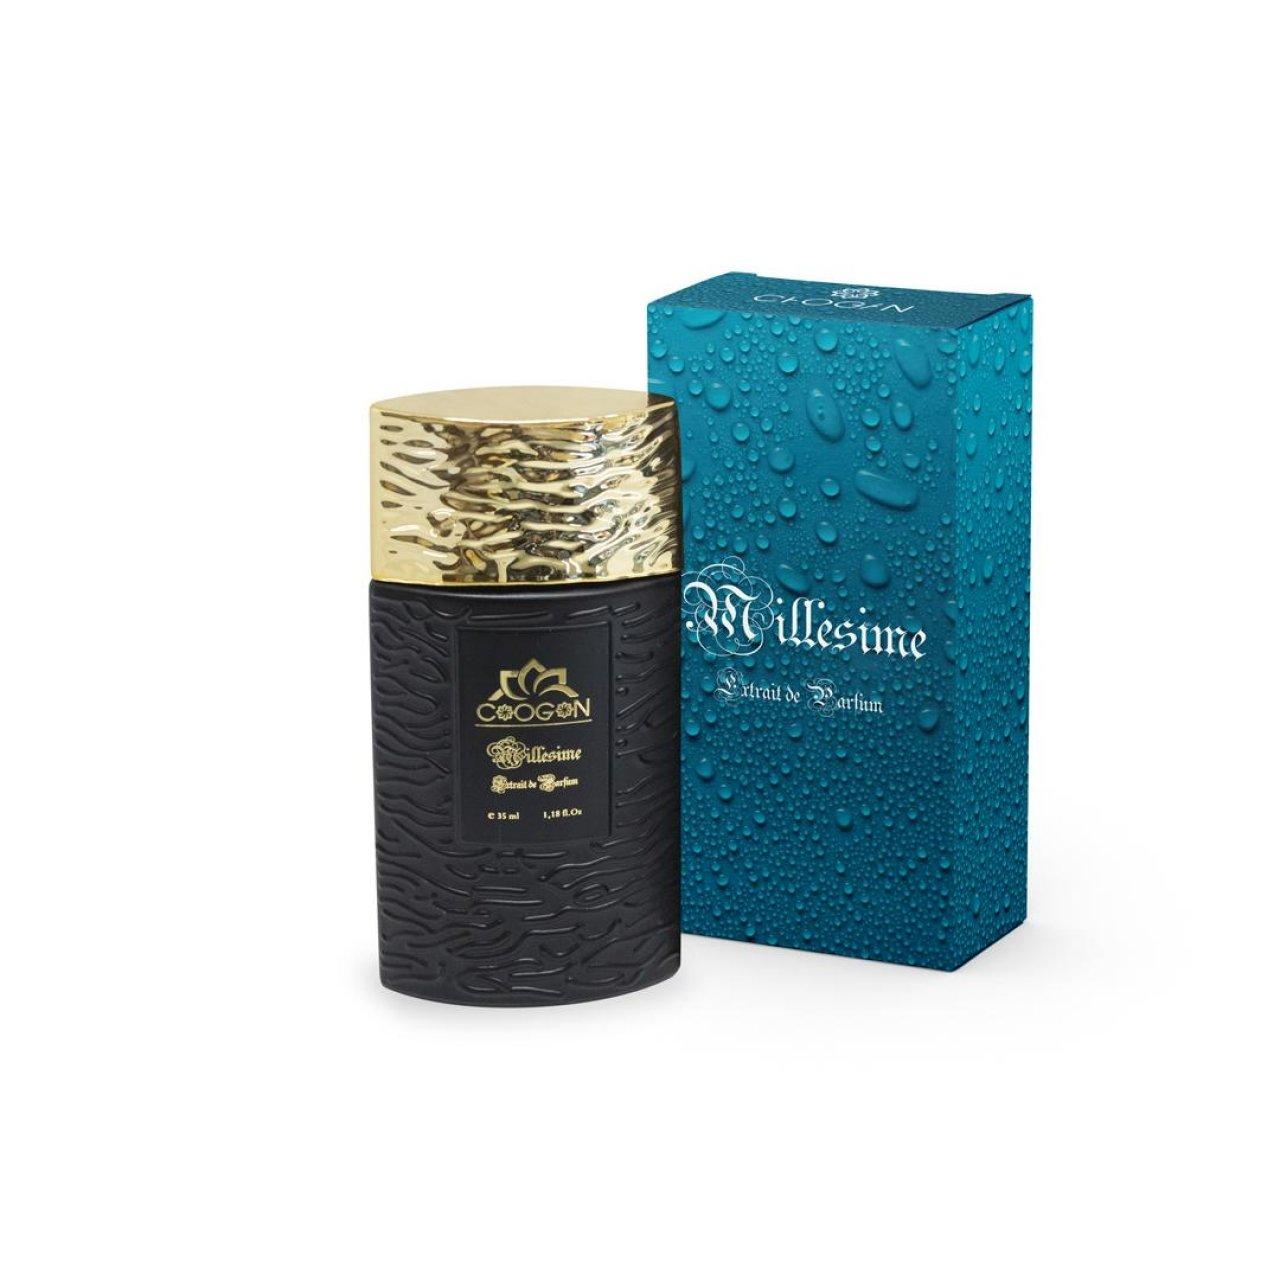 Parfum homme réf 002-35-ml